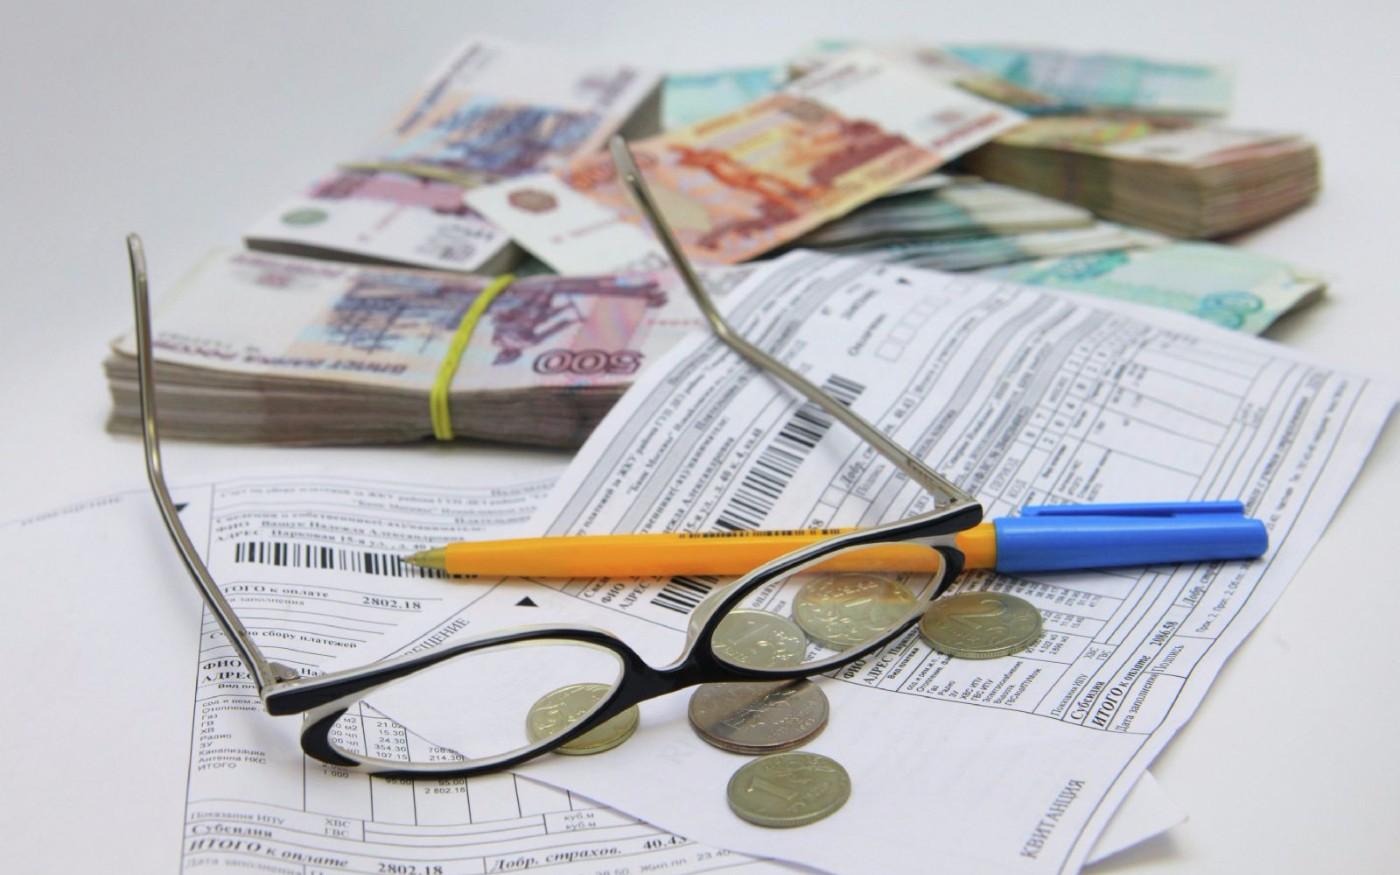 Как сделать перерасчет при долге за квартплату